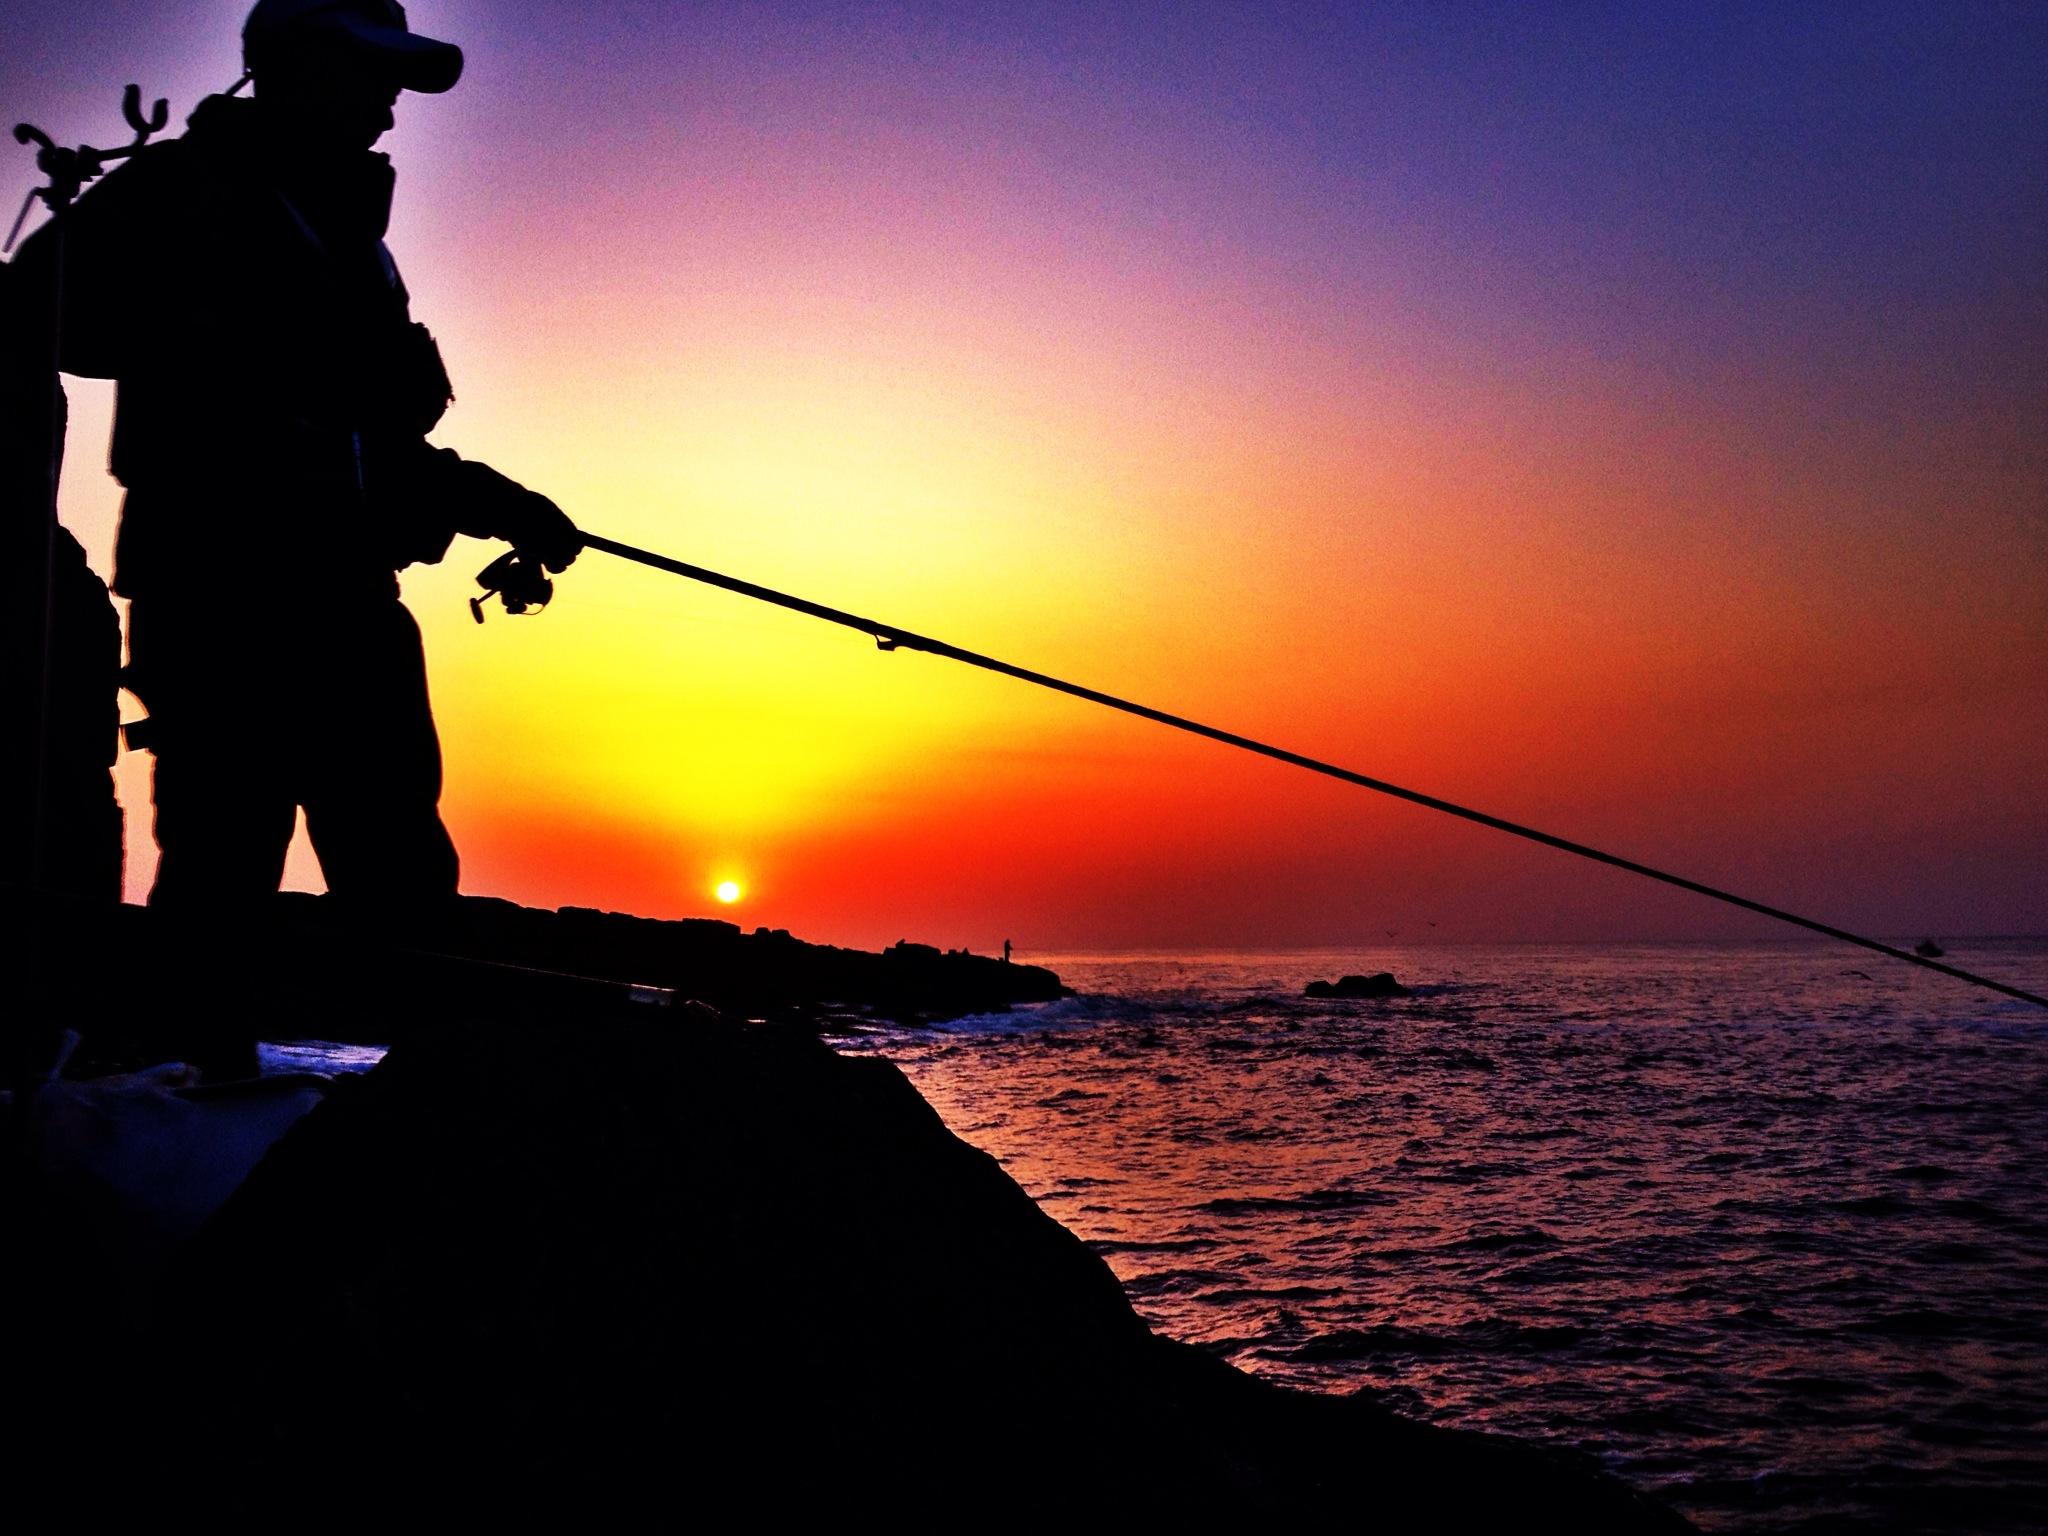 熊本で釣りをするなら?おすすめの釣り場情報!釣り船や釣り堀も